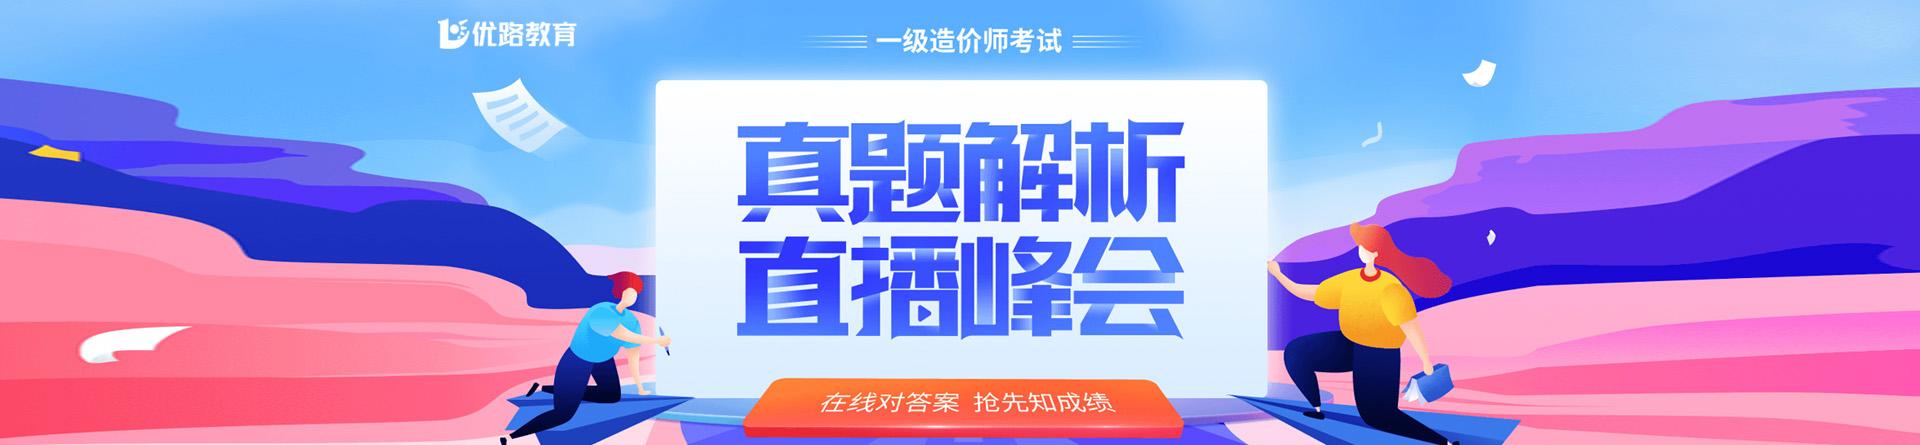 山东临沂优路教育培训学校